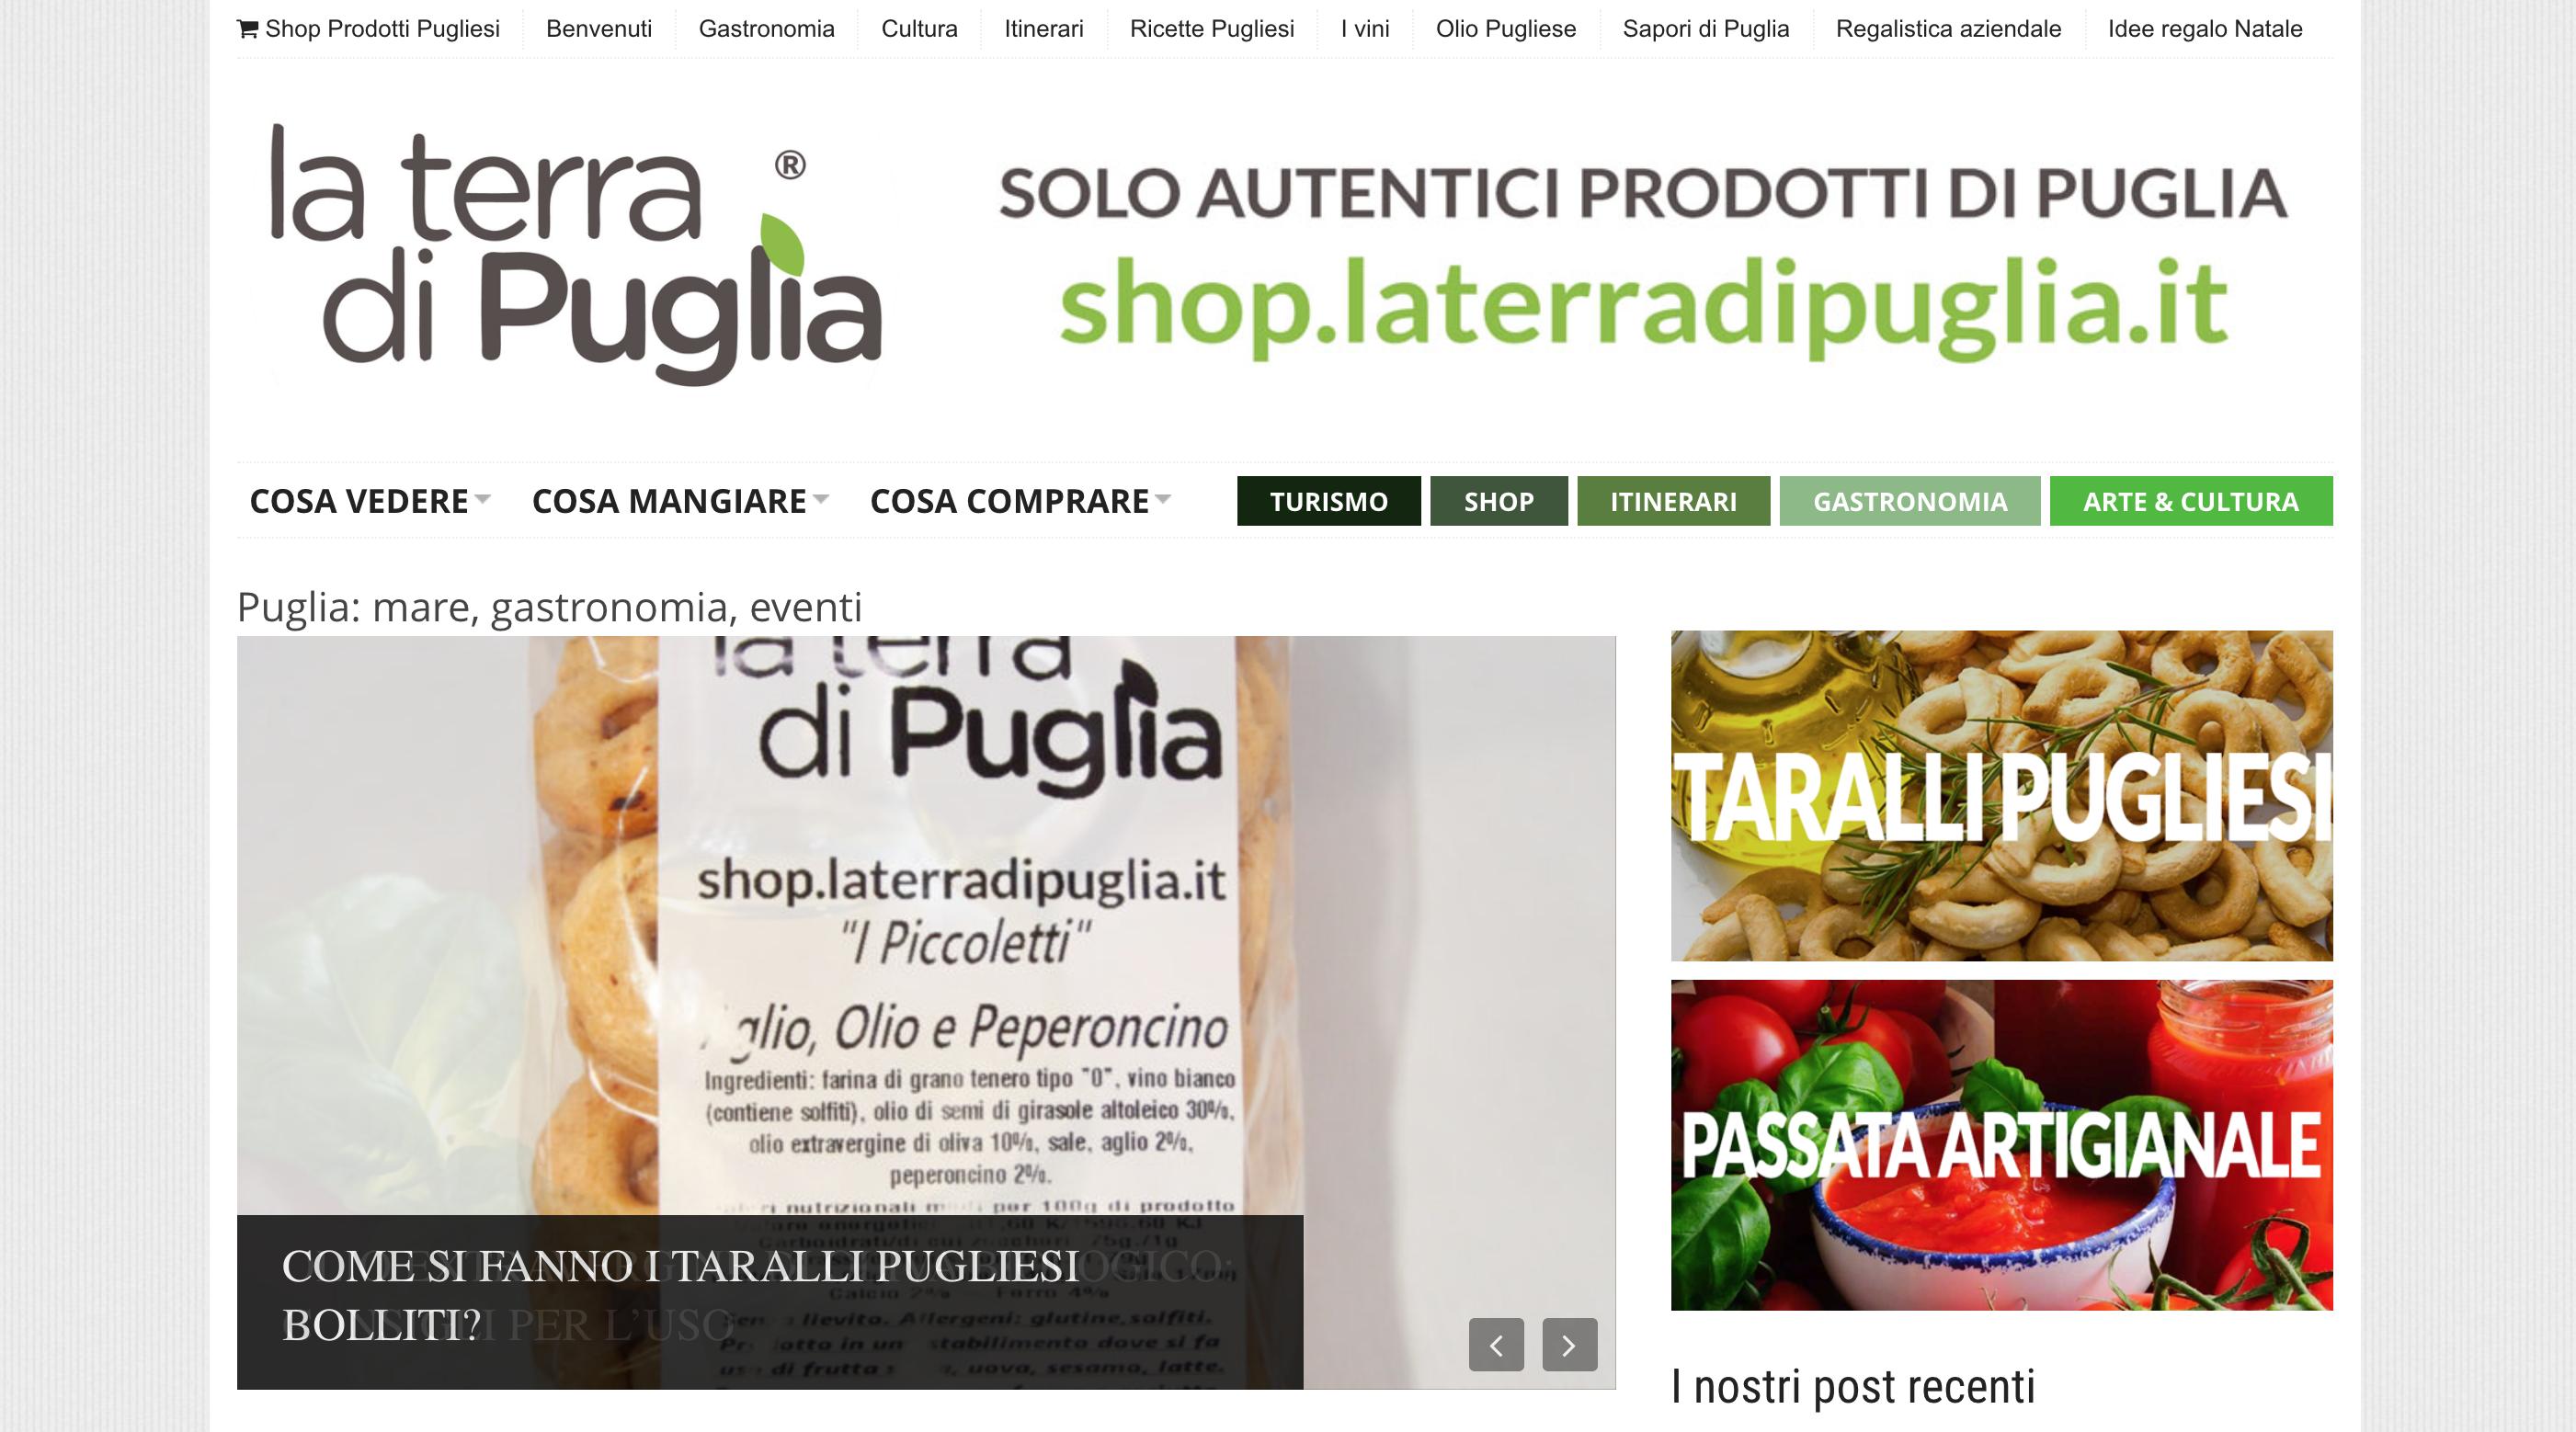 La terra di Puglia